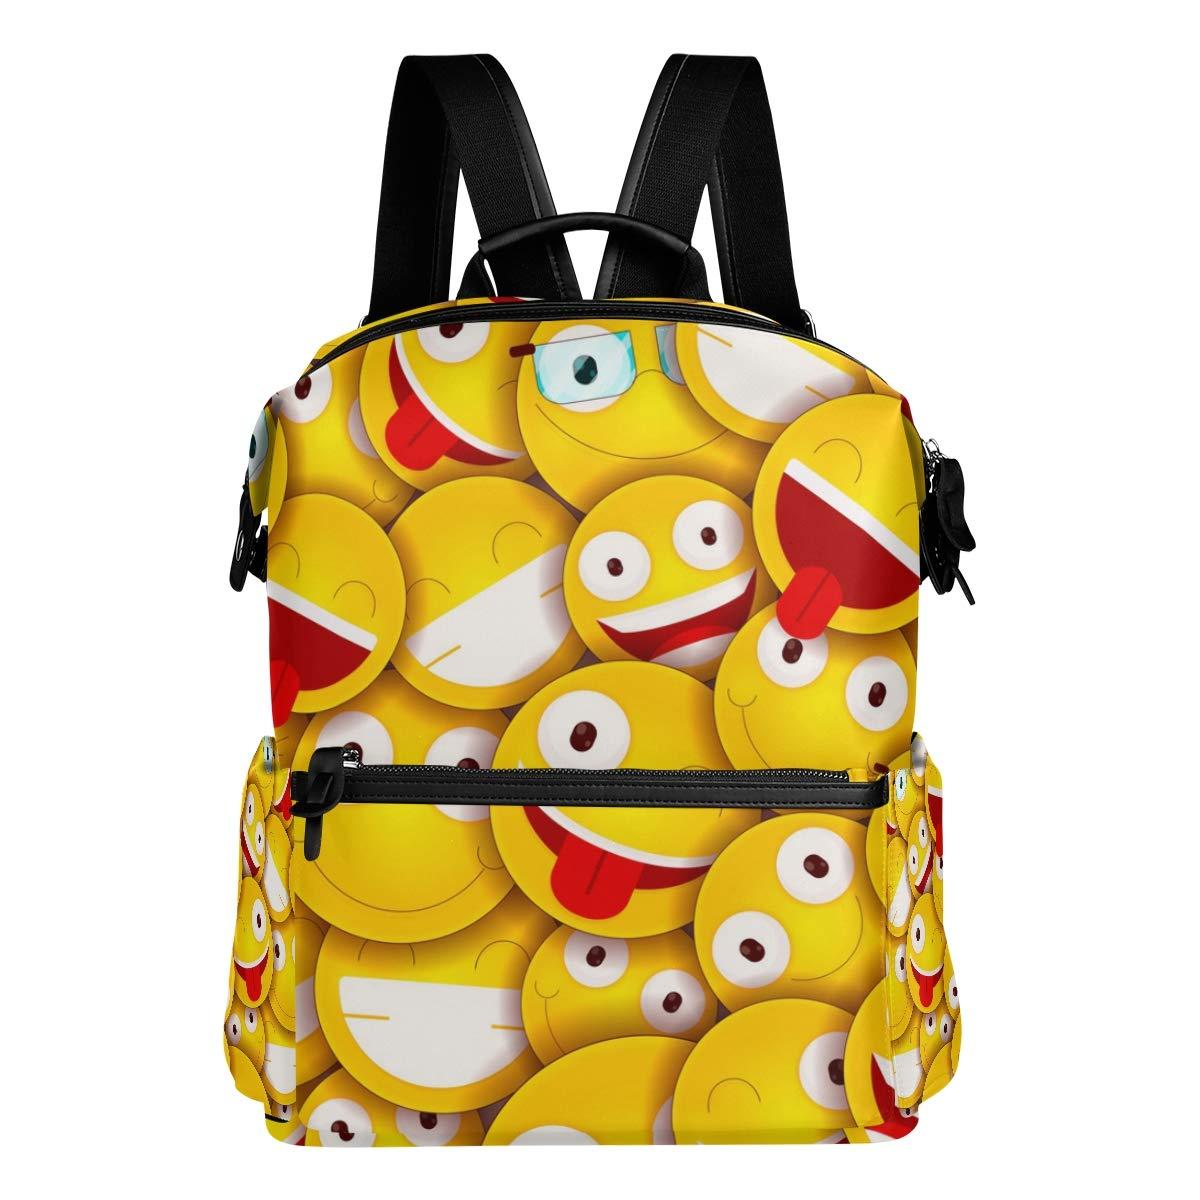 FAJRO colored Emoticons zaino da viaggio borsa scuola zaino